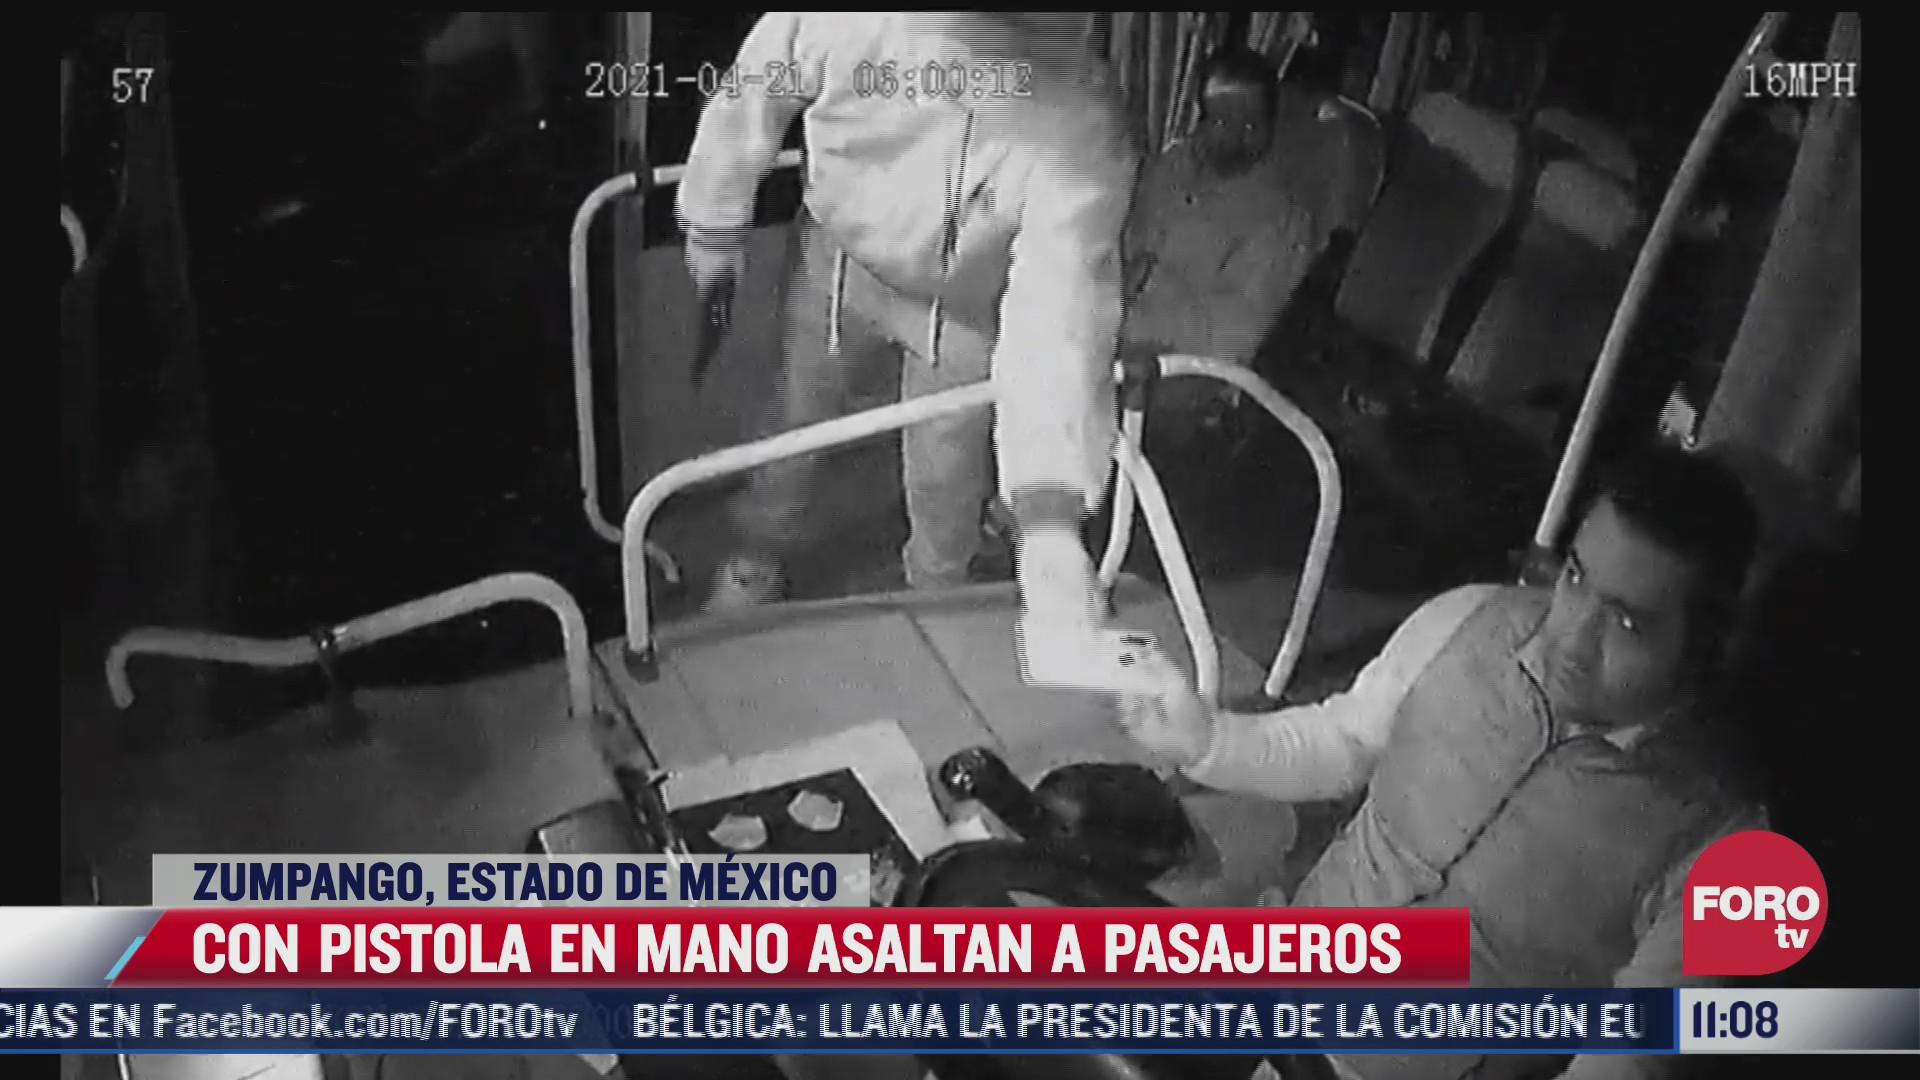 ratero dispara al suelo durante robo a camion de pasajeros en zumpango